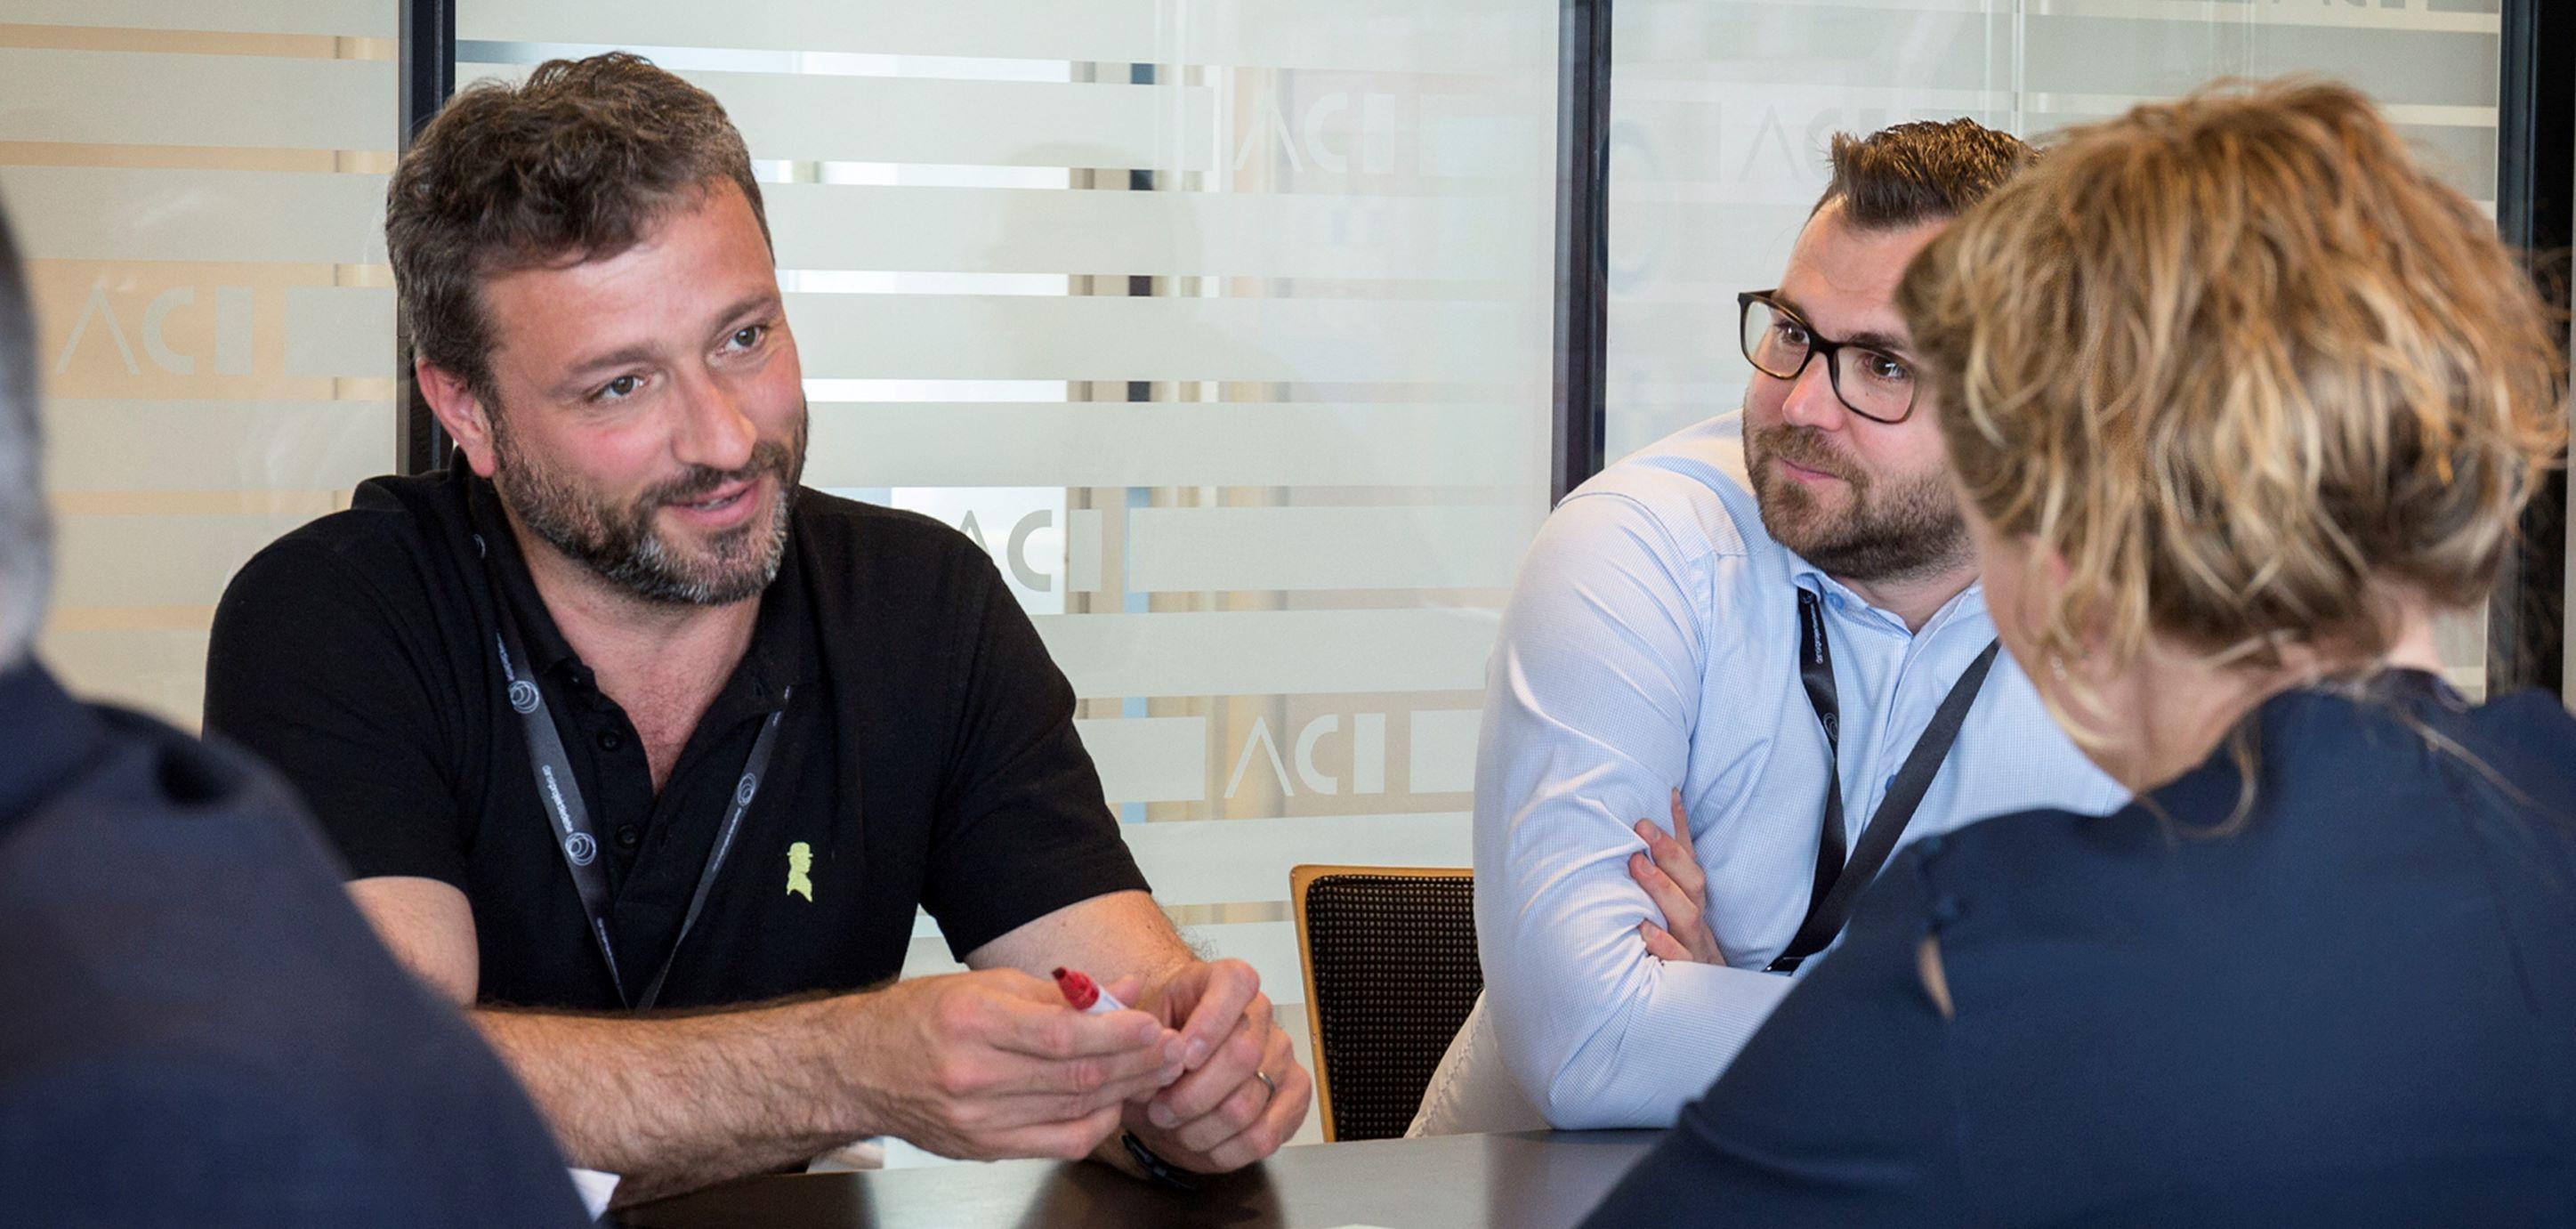 Nyt samarbejde mellem EGN Netværk Danmark og Dansk Projektledelse